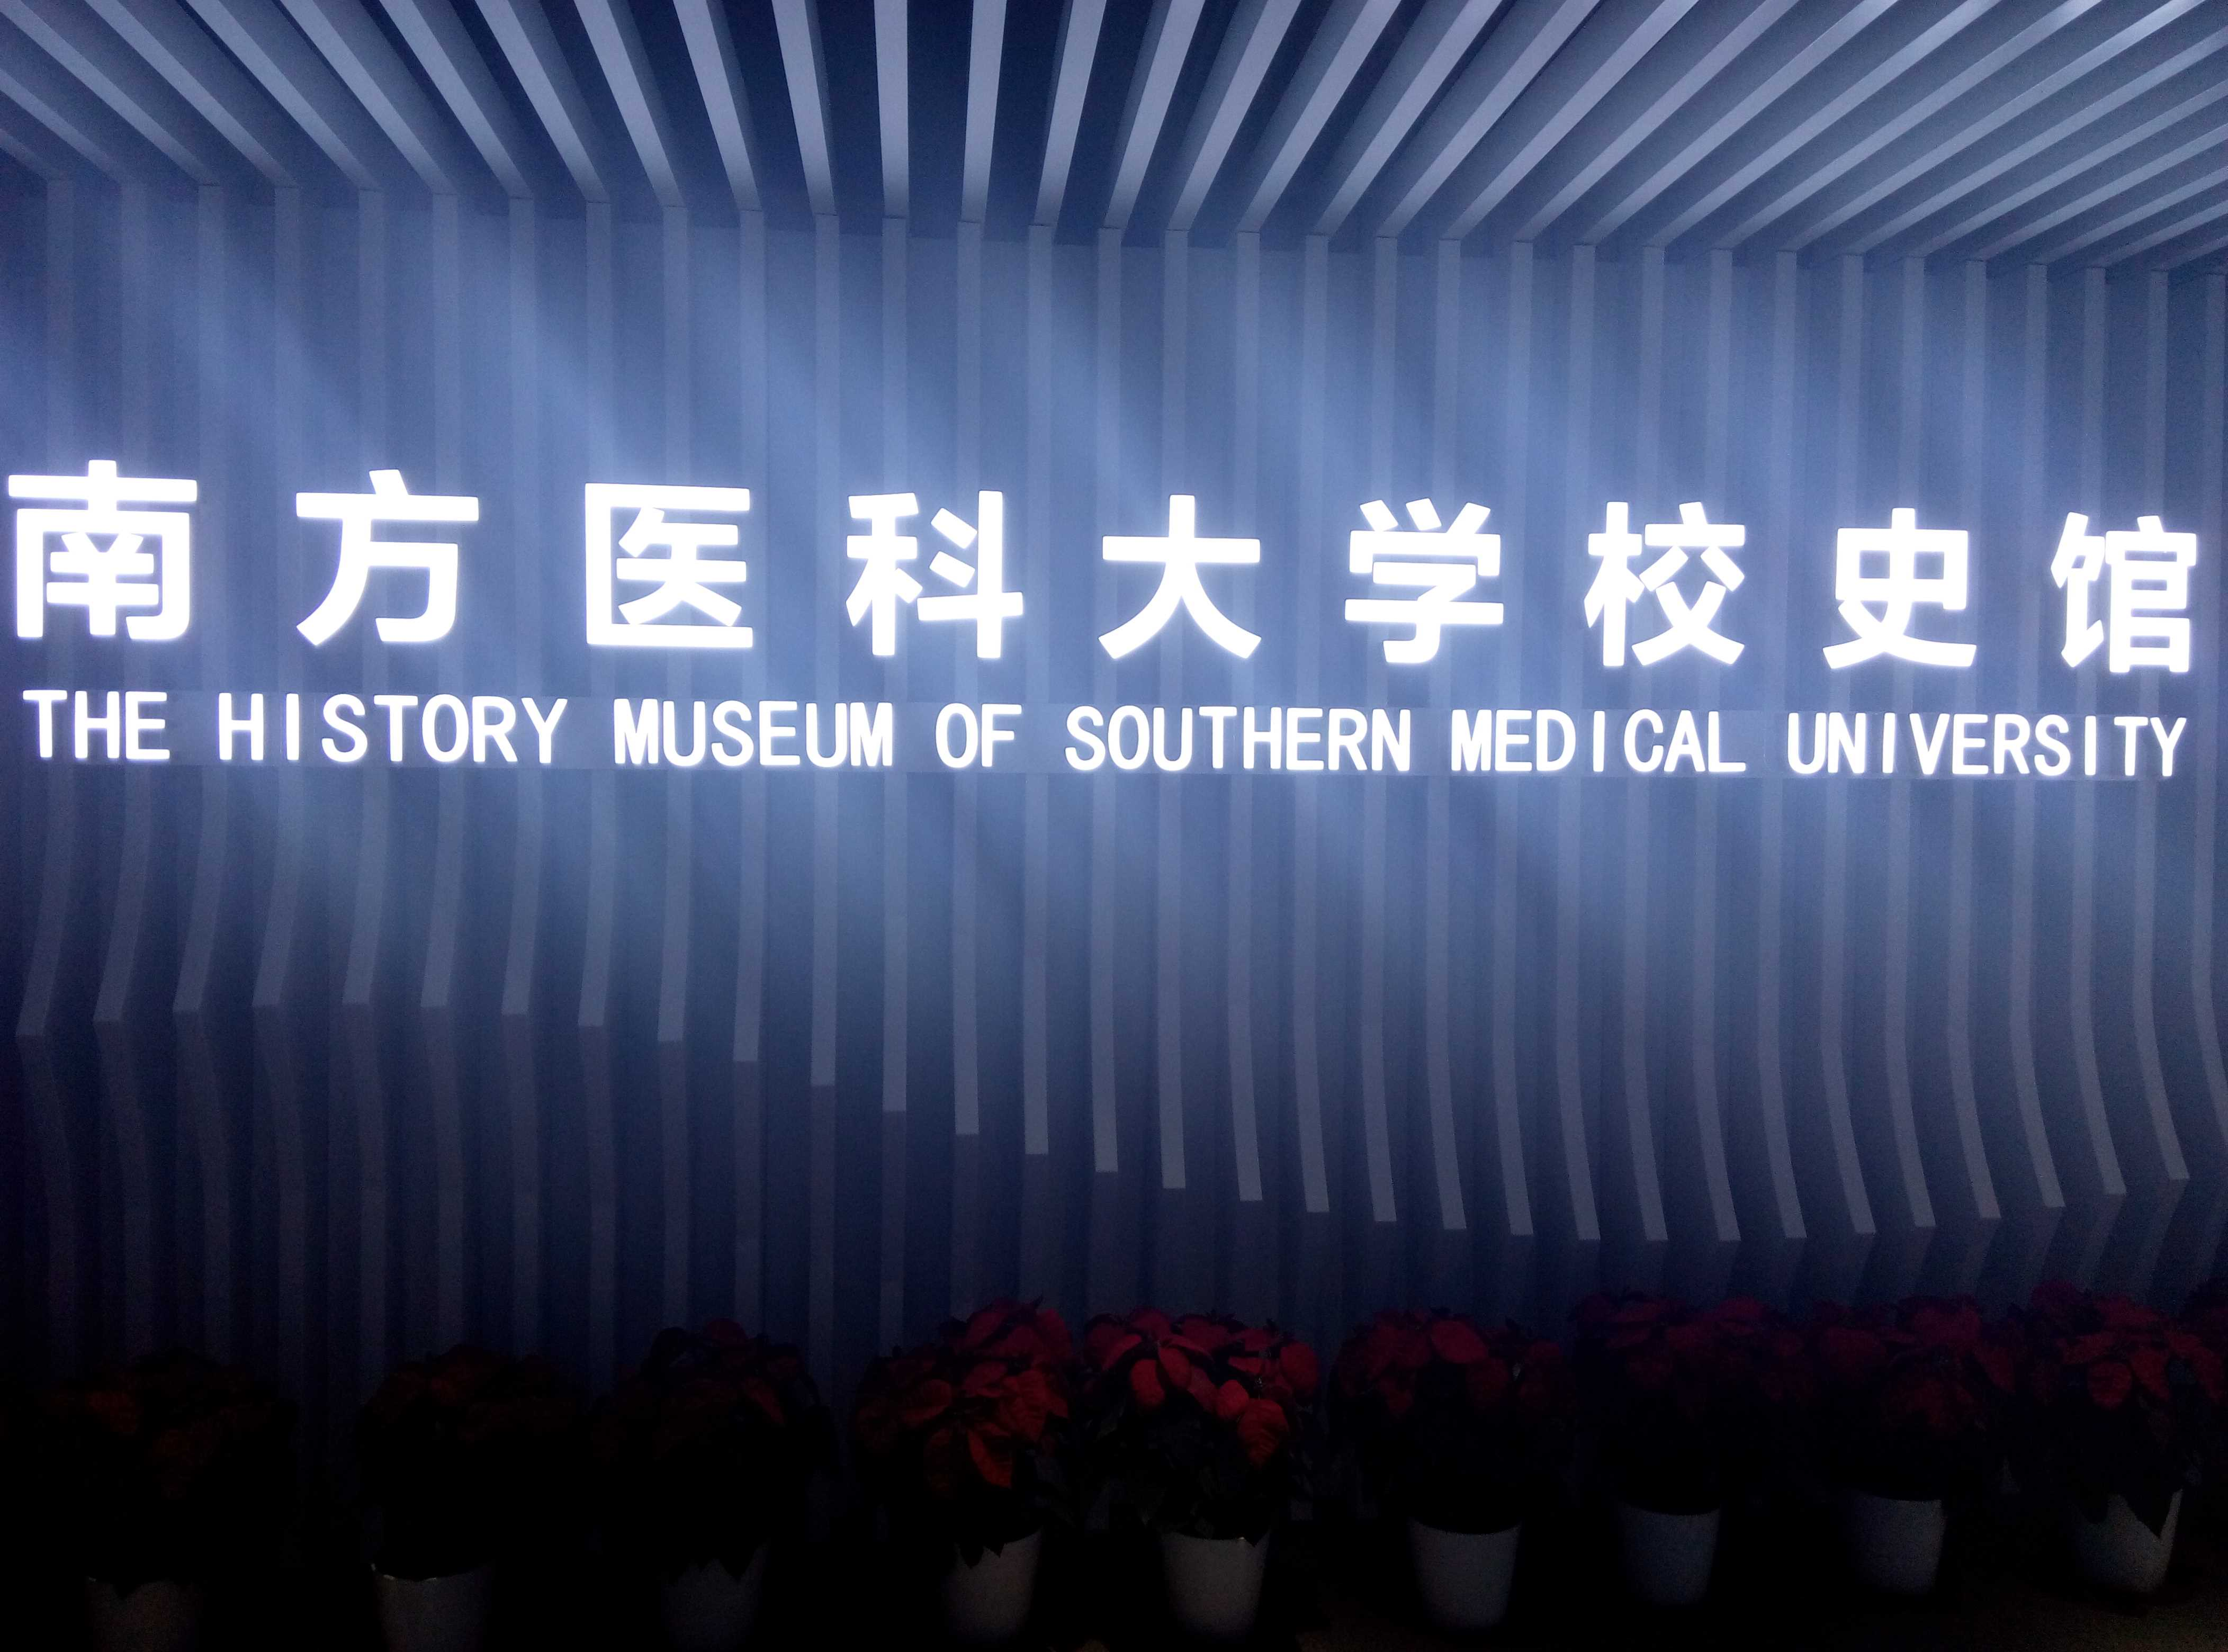 南方醫科大學科學館